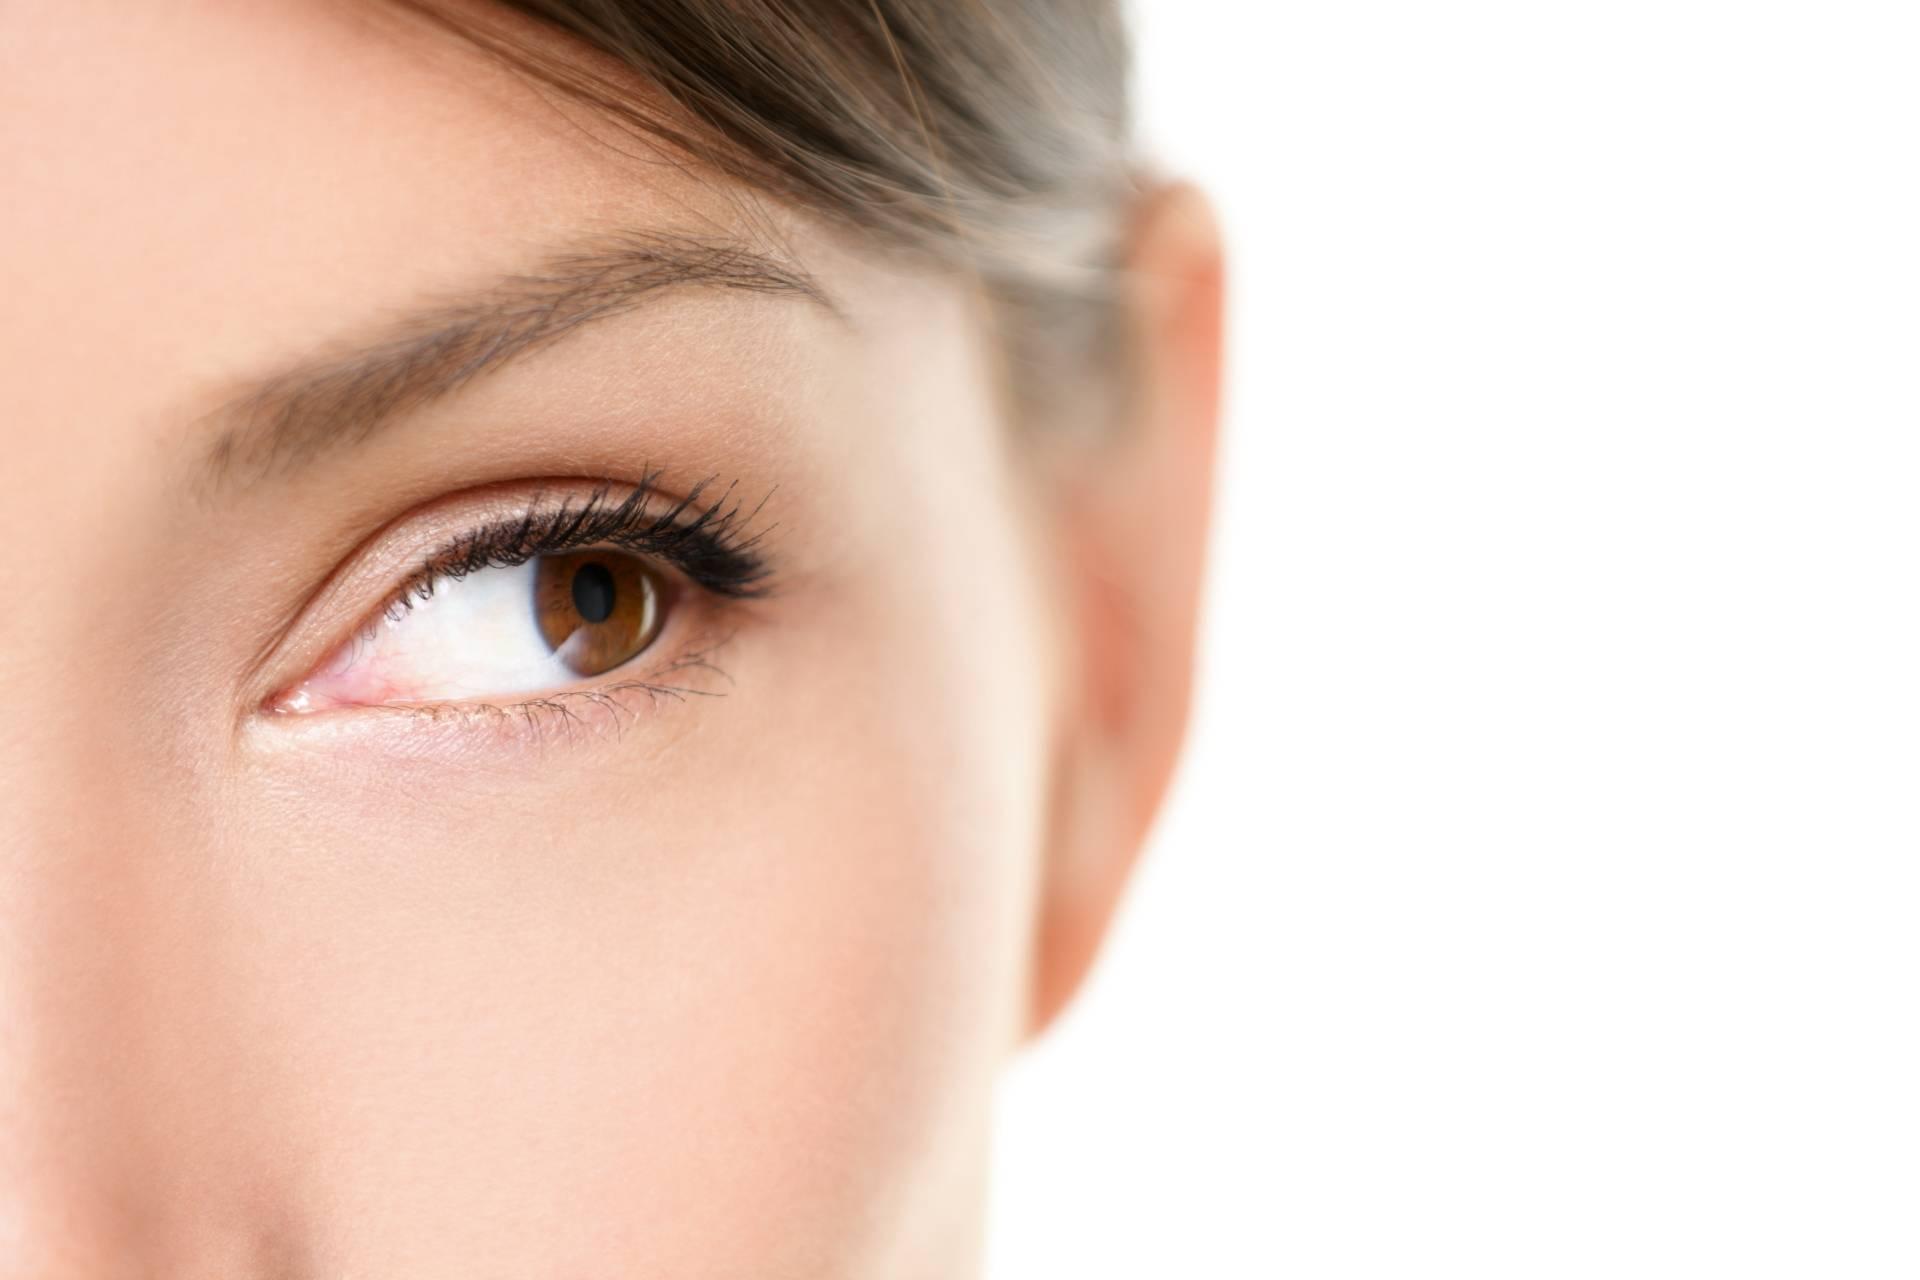 Facemodelink - jak wymodelować twarzy przy pomocy terapii manualnej? Zbliżenie na kobiece oko w odcieniu brązu.